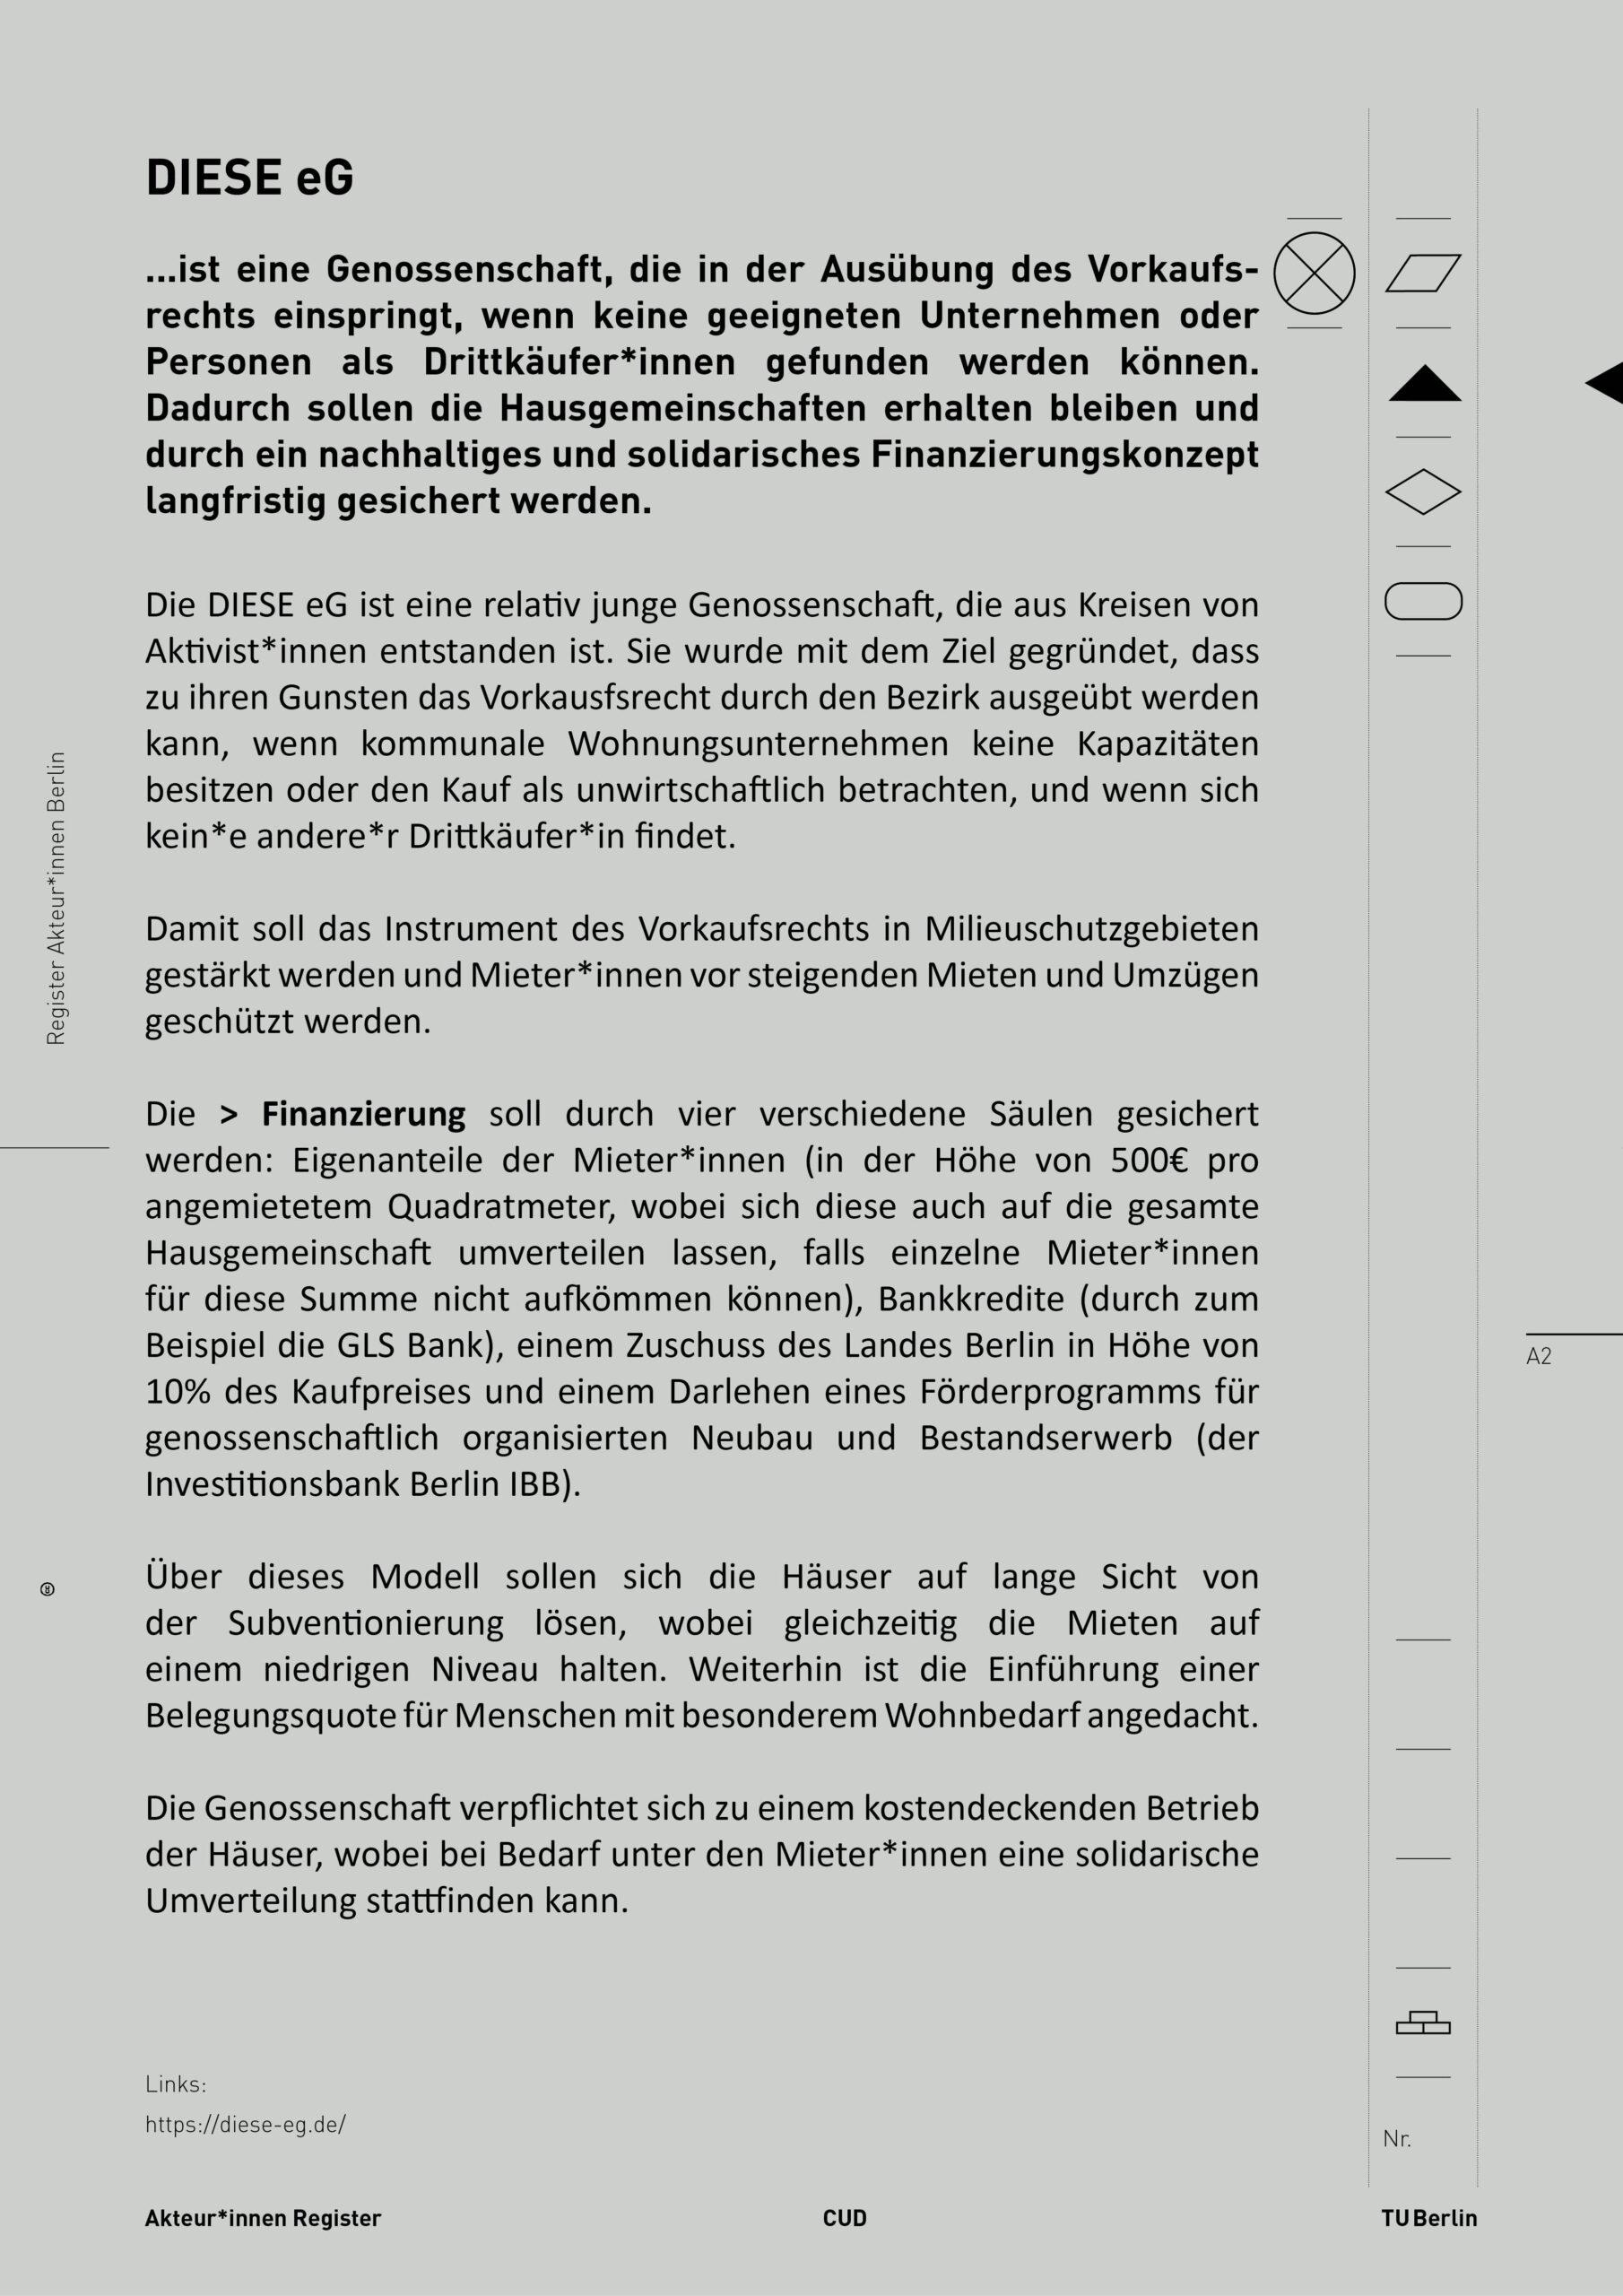 2021-05-17_AkteurInnen_Register_12